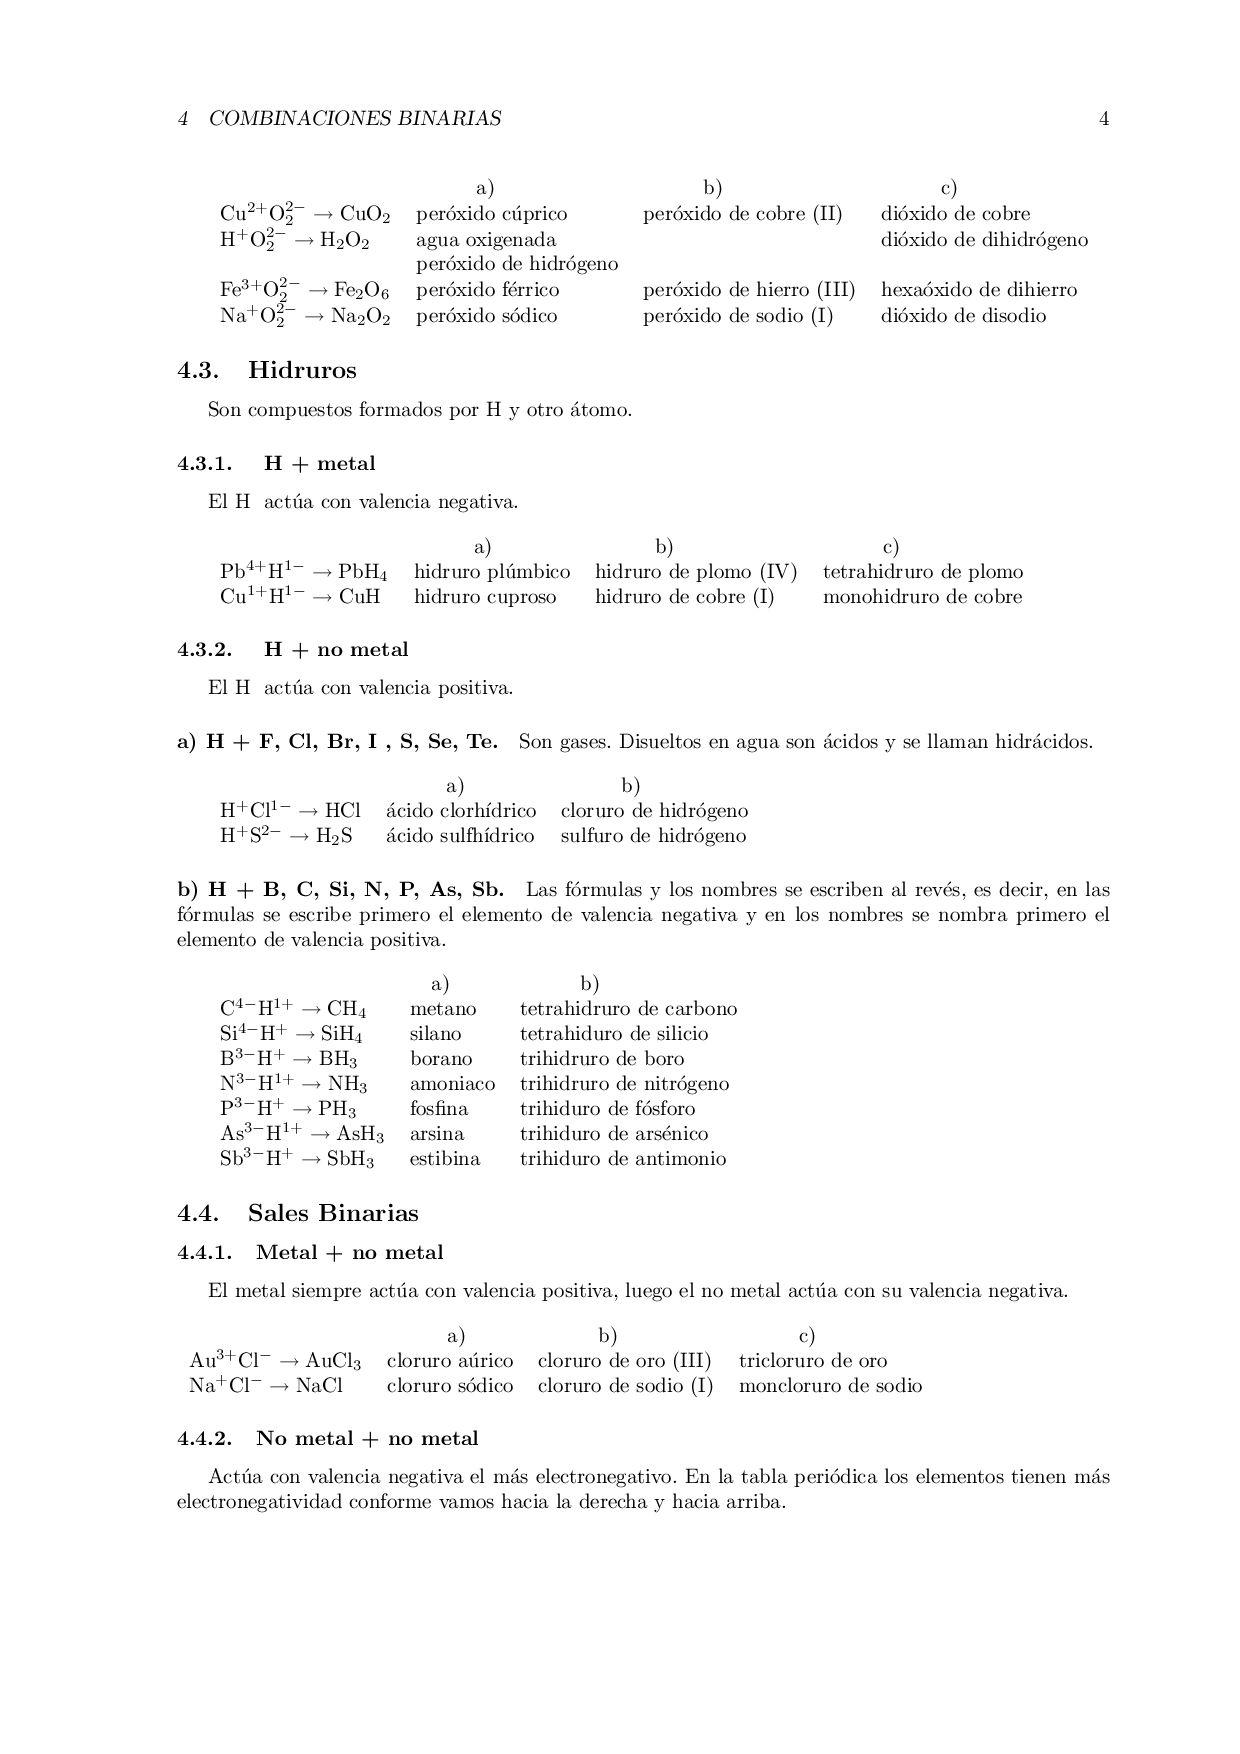 Formulacin y nomenclatura qumica inorgnica by elpotipoti issuu urtaz Images